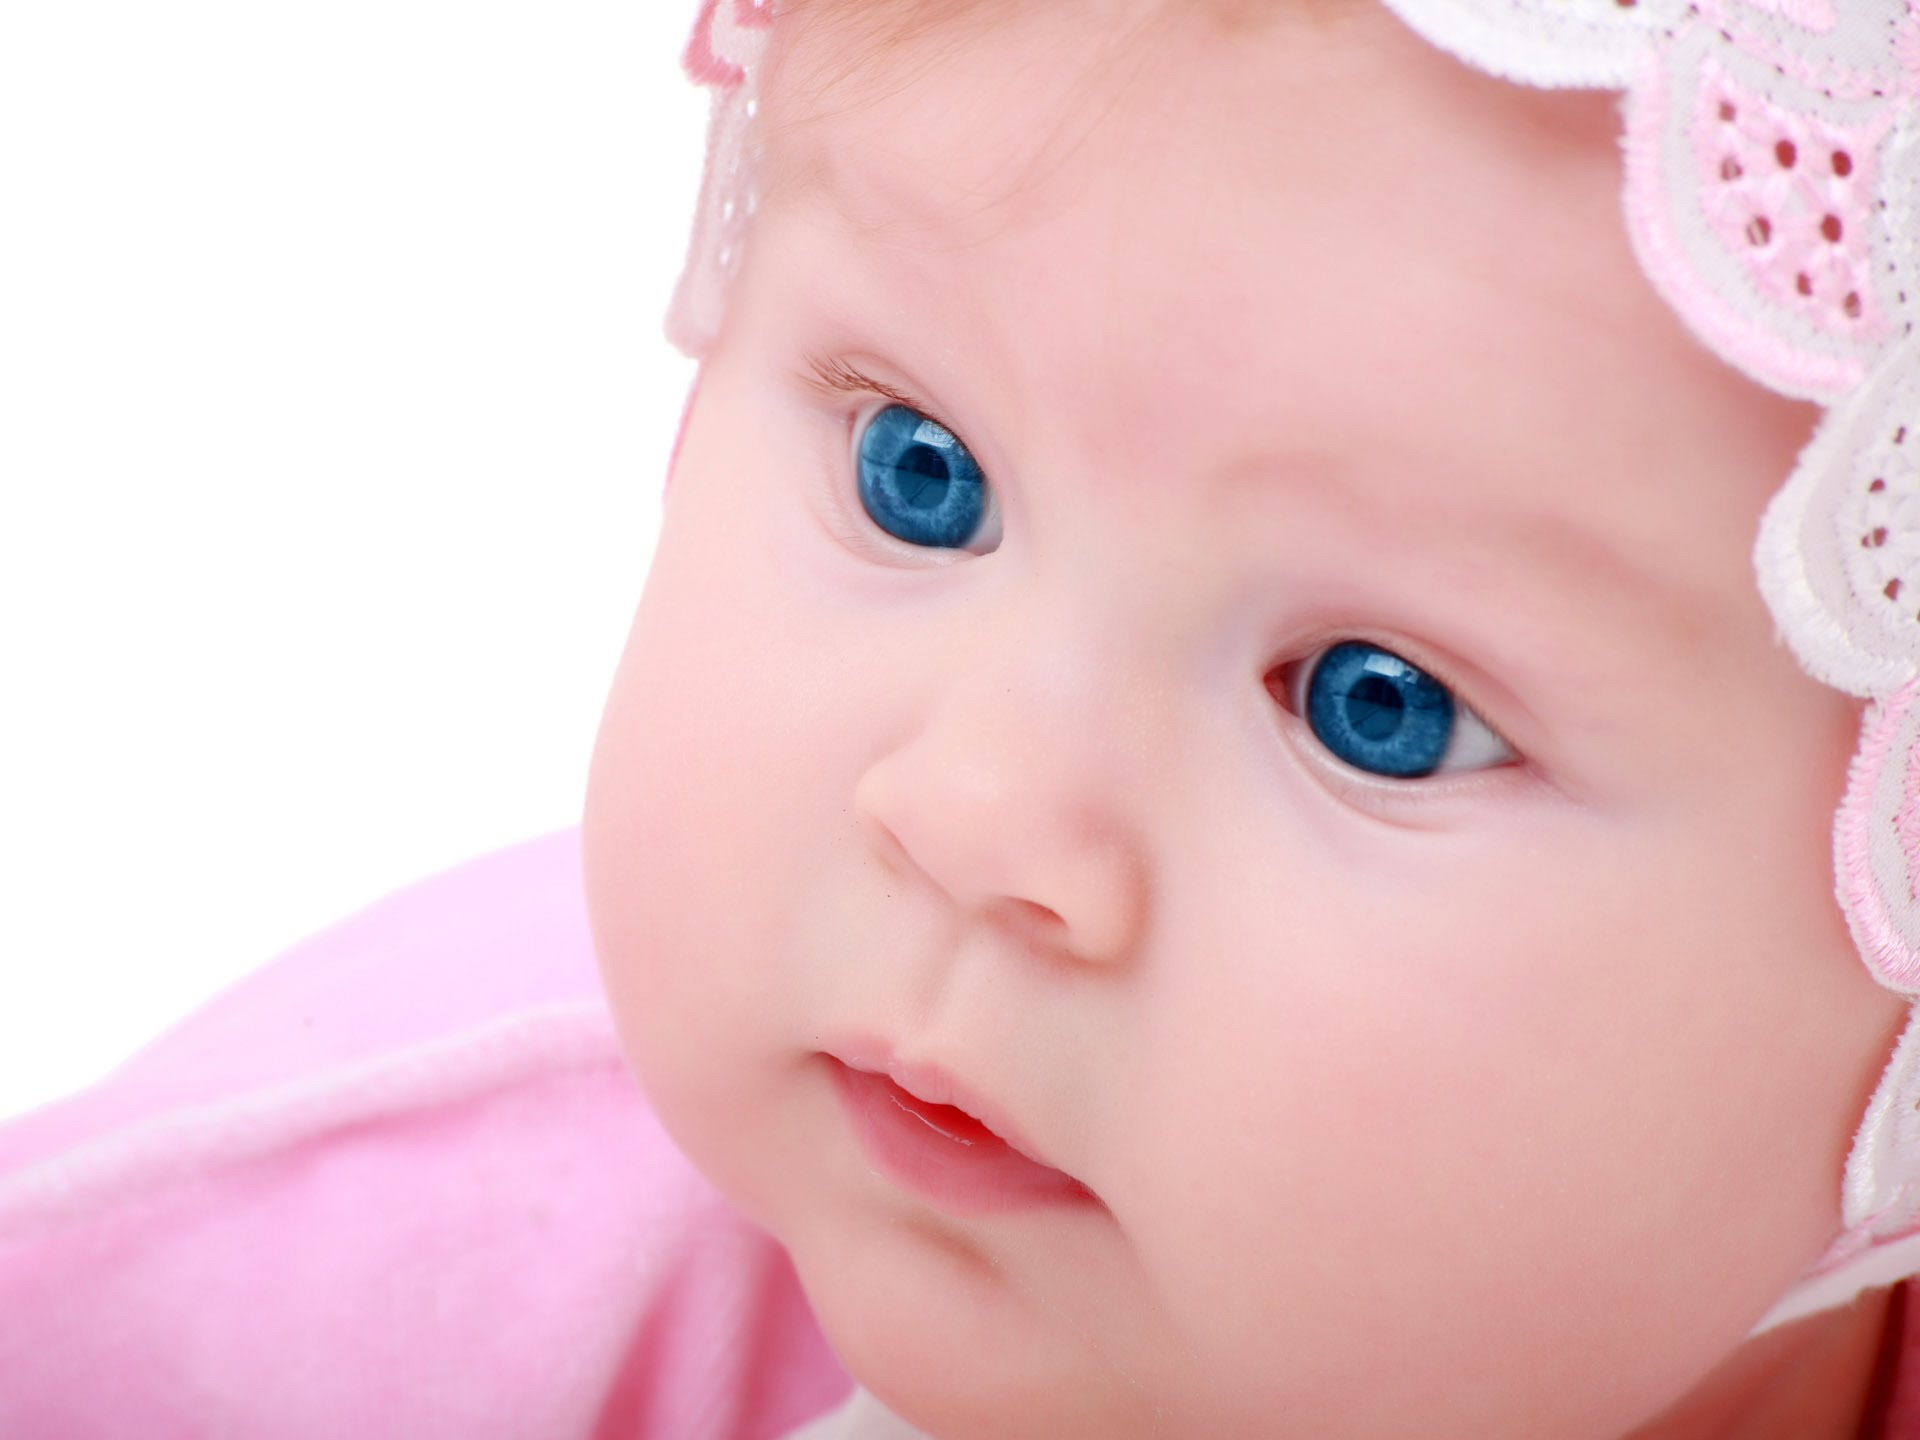 صورة احلى الصور للاطفال الصغار , اجدد الصور الجميلة للاطفال